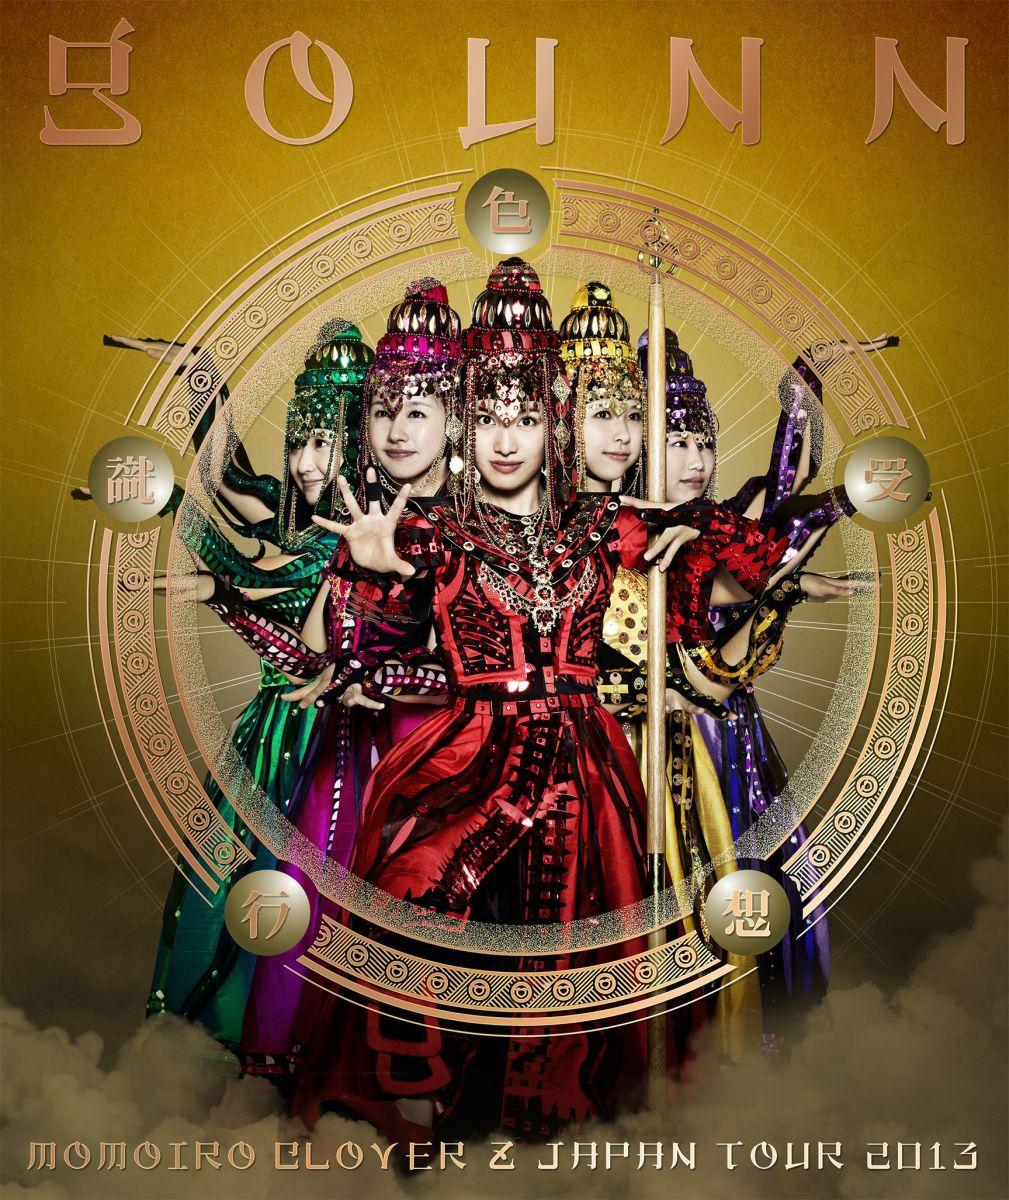 ももいろクローバーZ JAPAN TOUR 2013 「GOUNN」LIVE Blu-ray[KIXM-159][Blu-ray/ブルーレイ] 製品画像